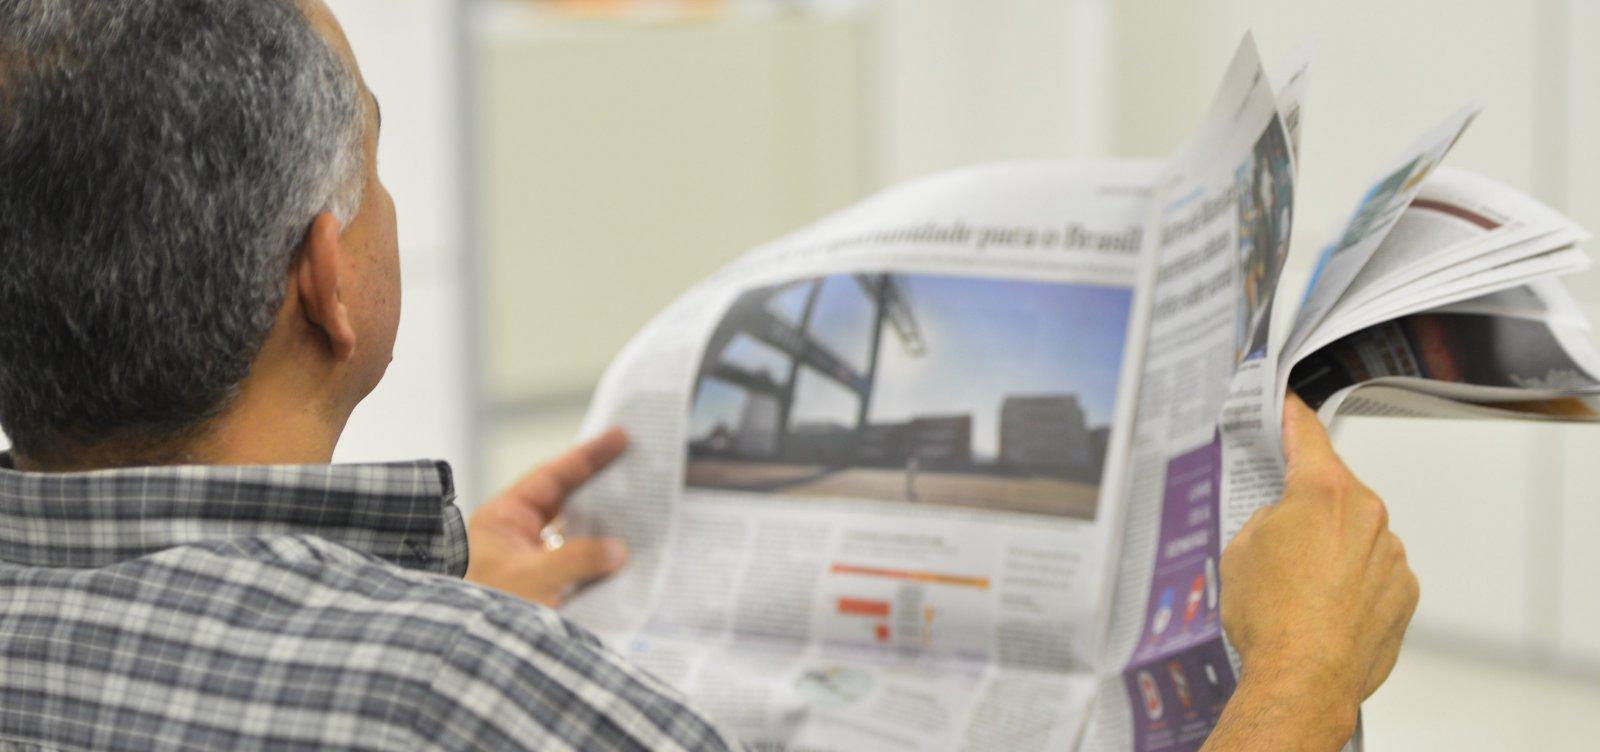 MP para dispensar publicação de balanços em jornais perde validade